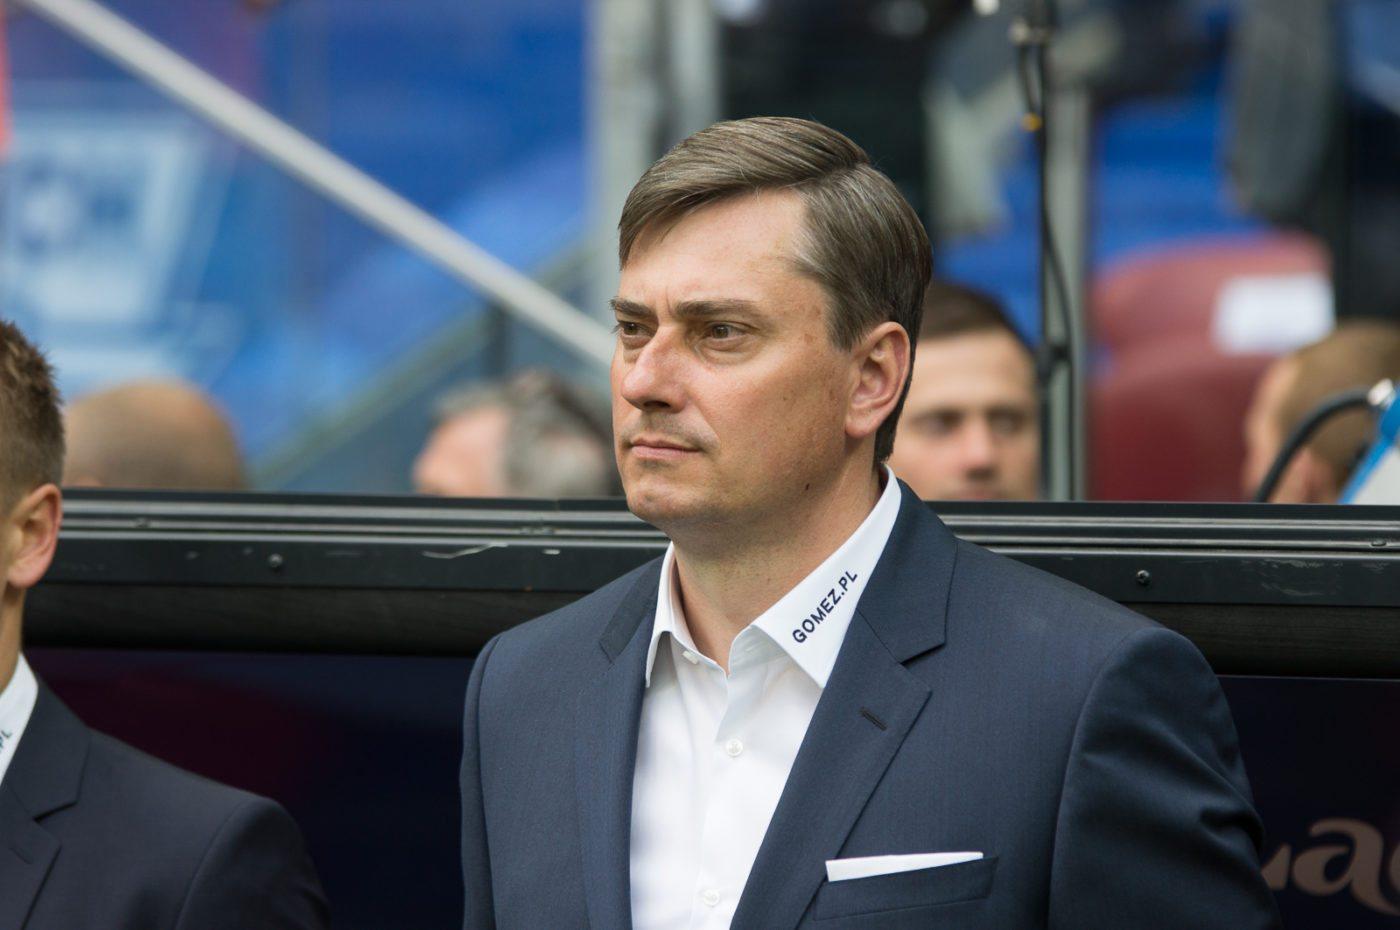 Maciej Skorża wrócił, aby pomóc Lechowi?